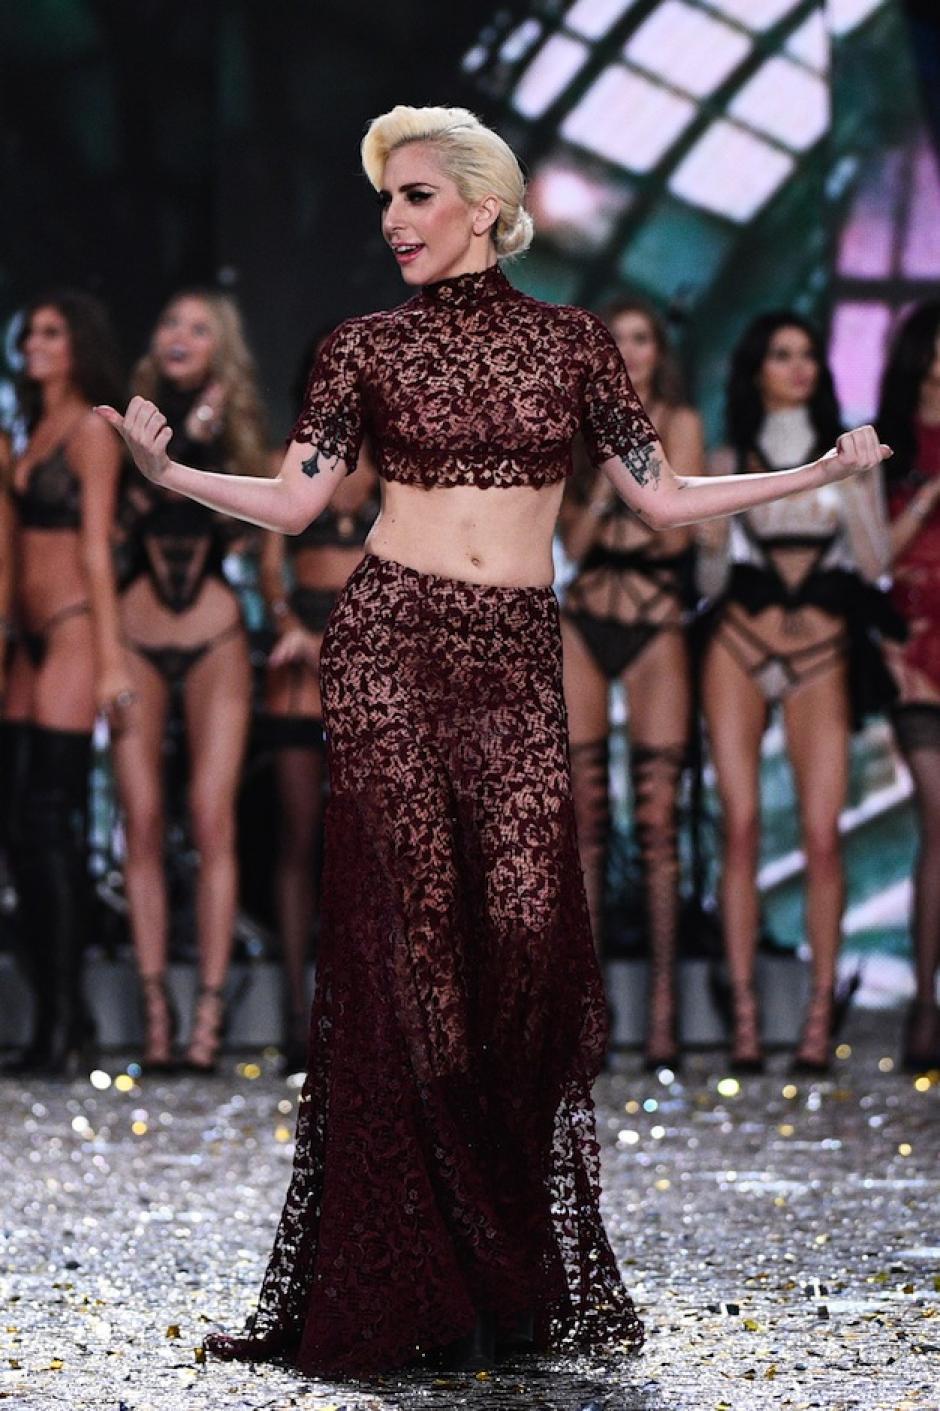 El poder de Lady Gaga se sintió en el escenario. (Foto: AFP)